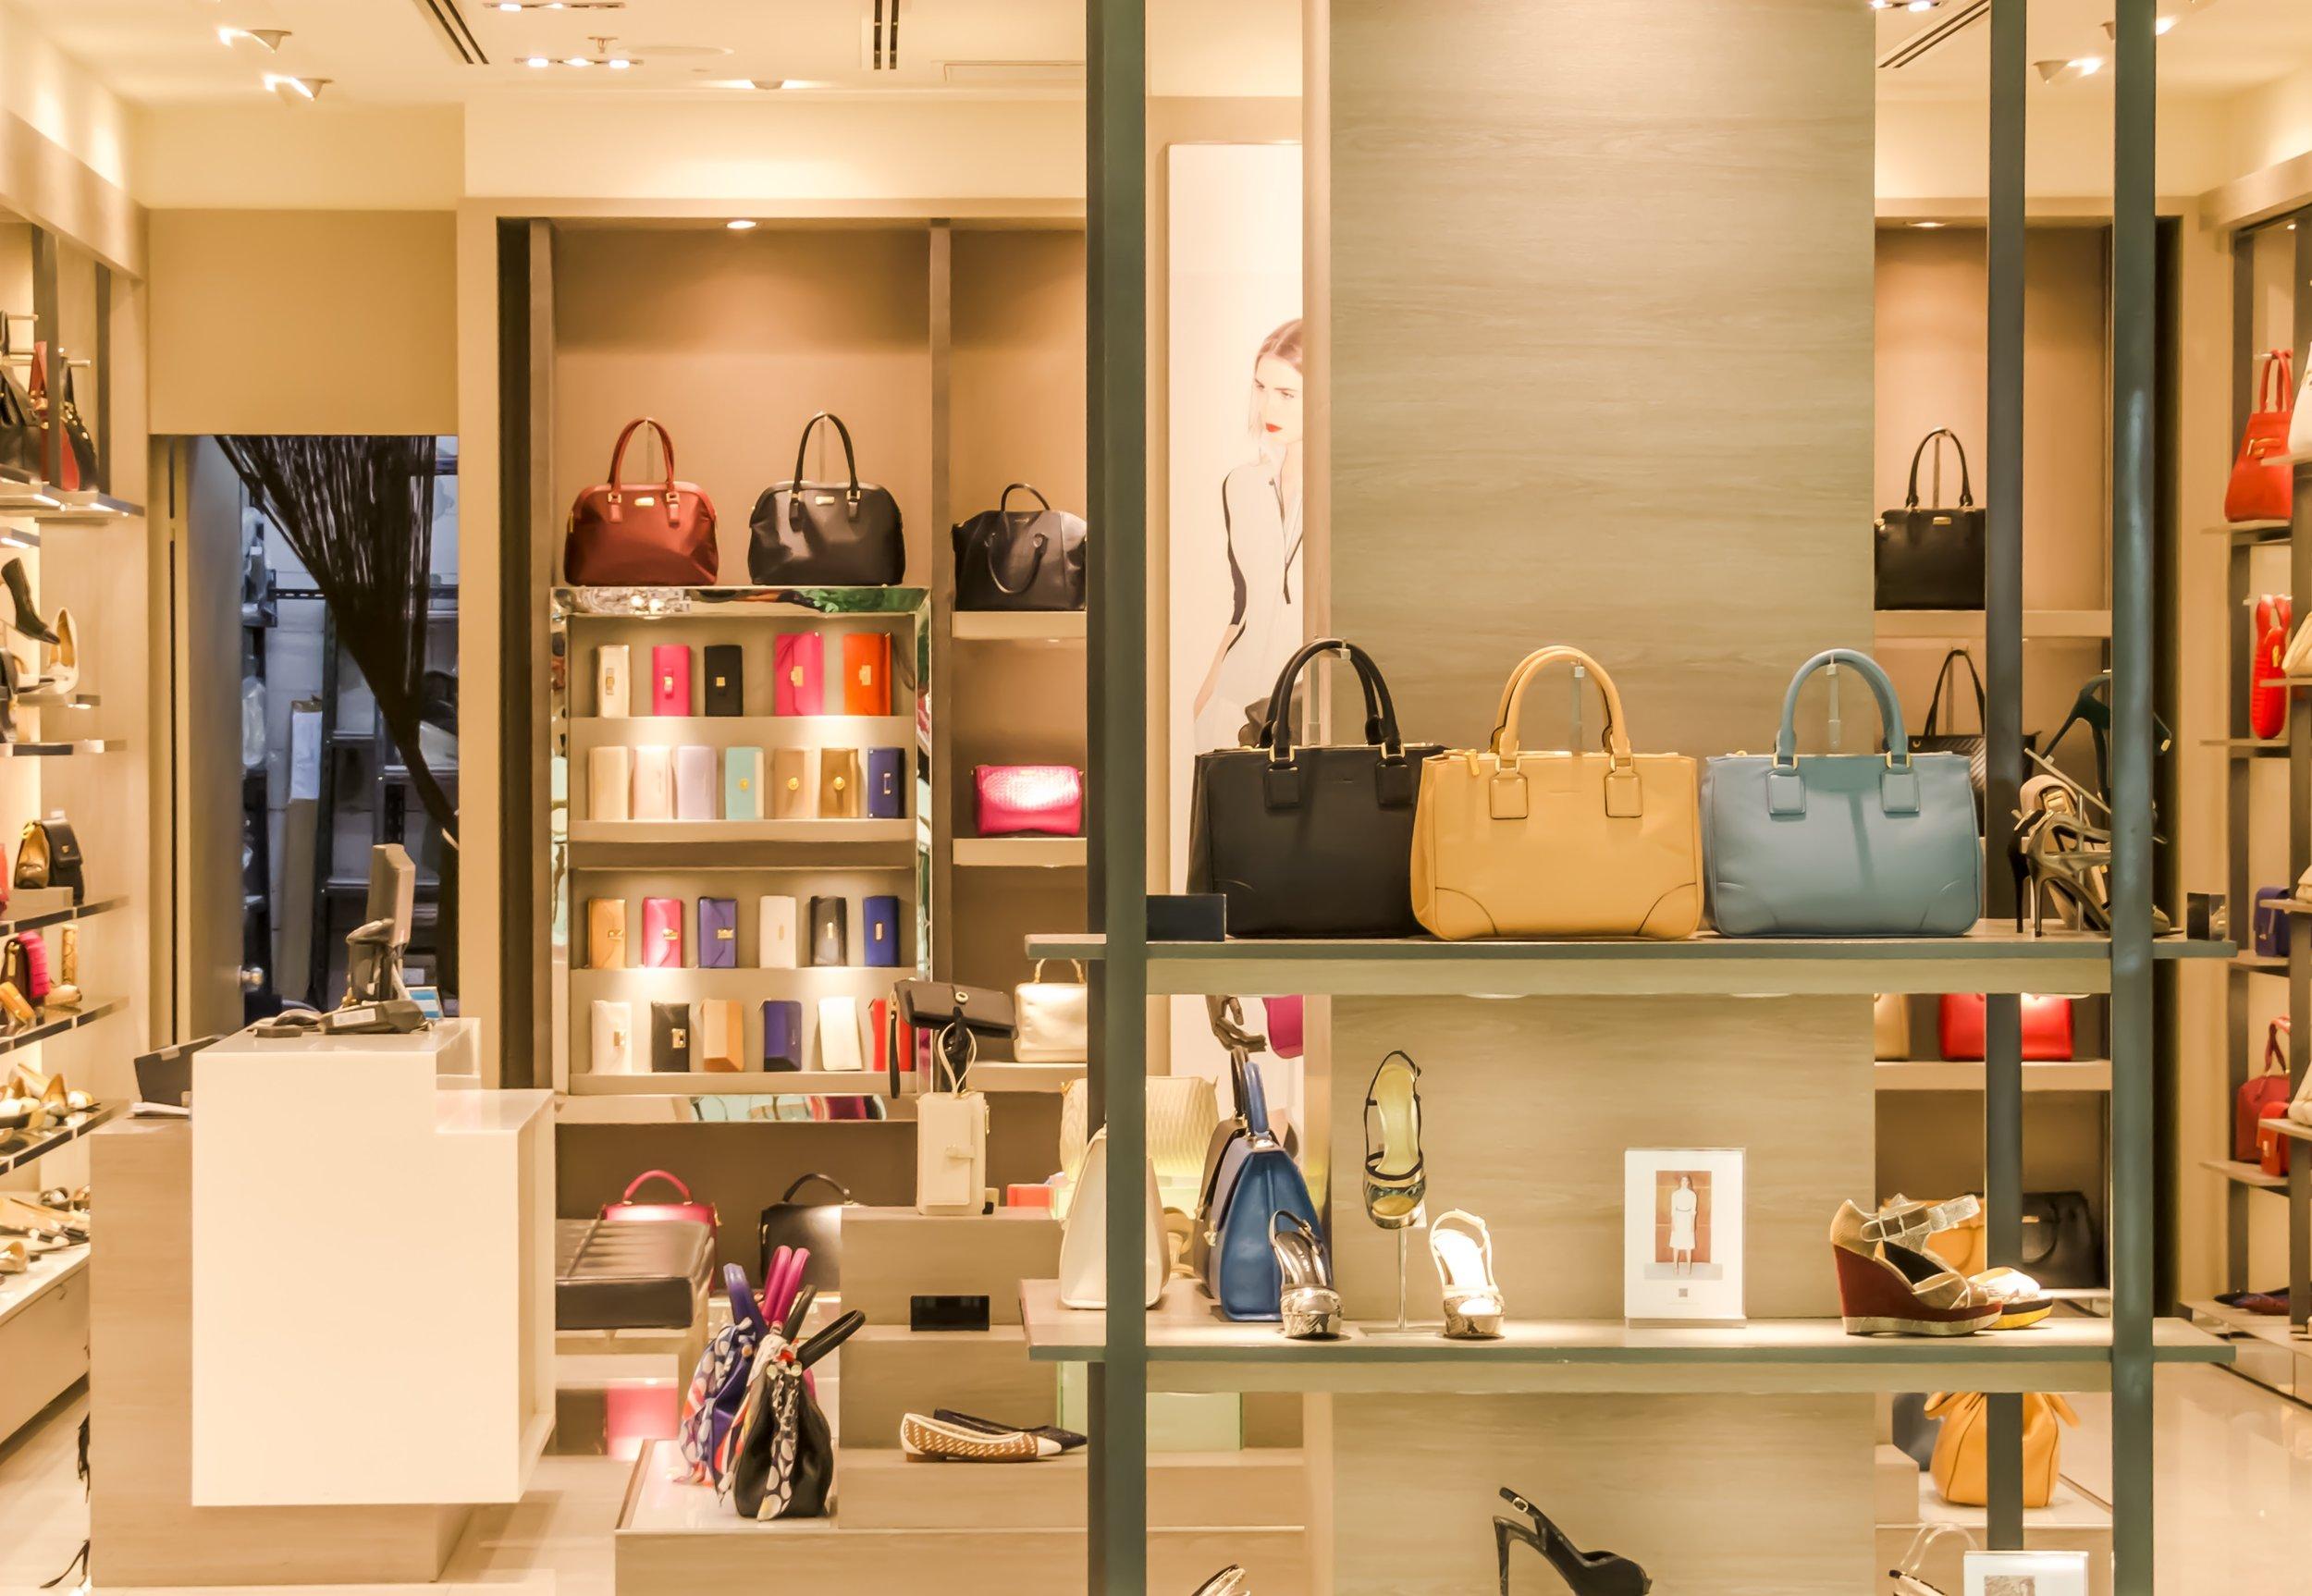 apparel-boutique-colors-135620.jpg